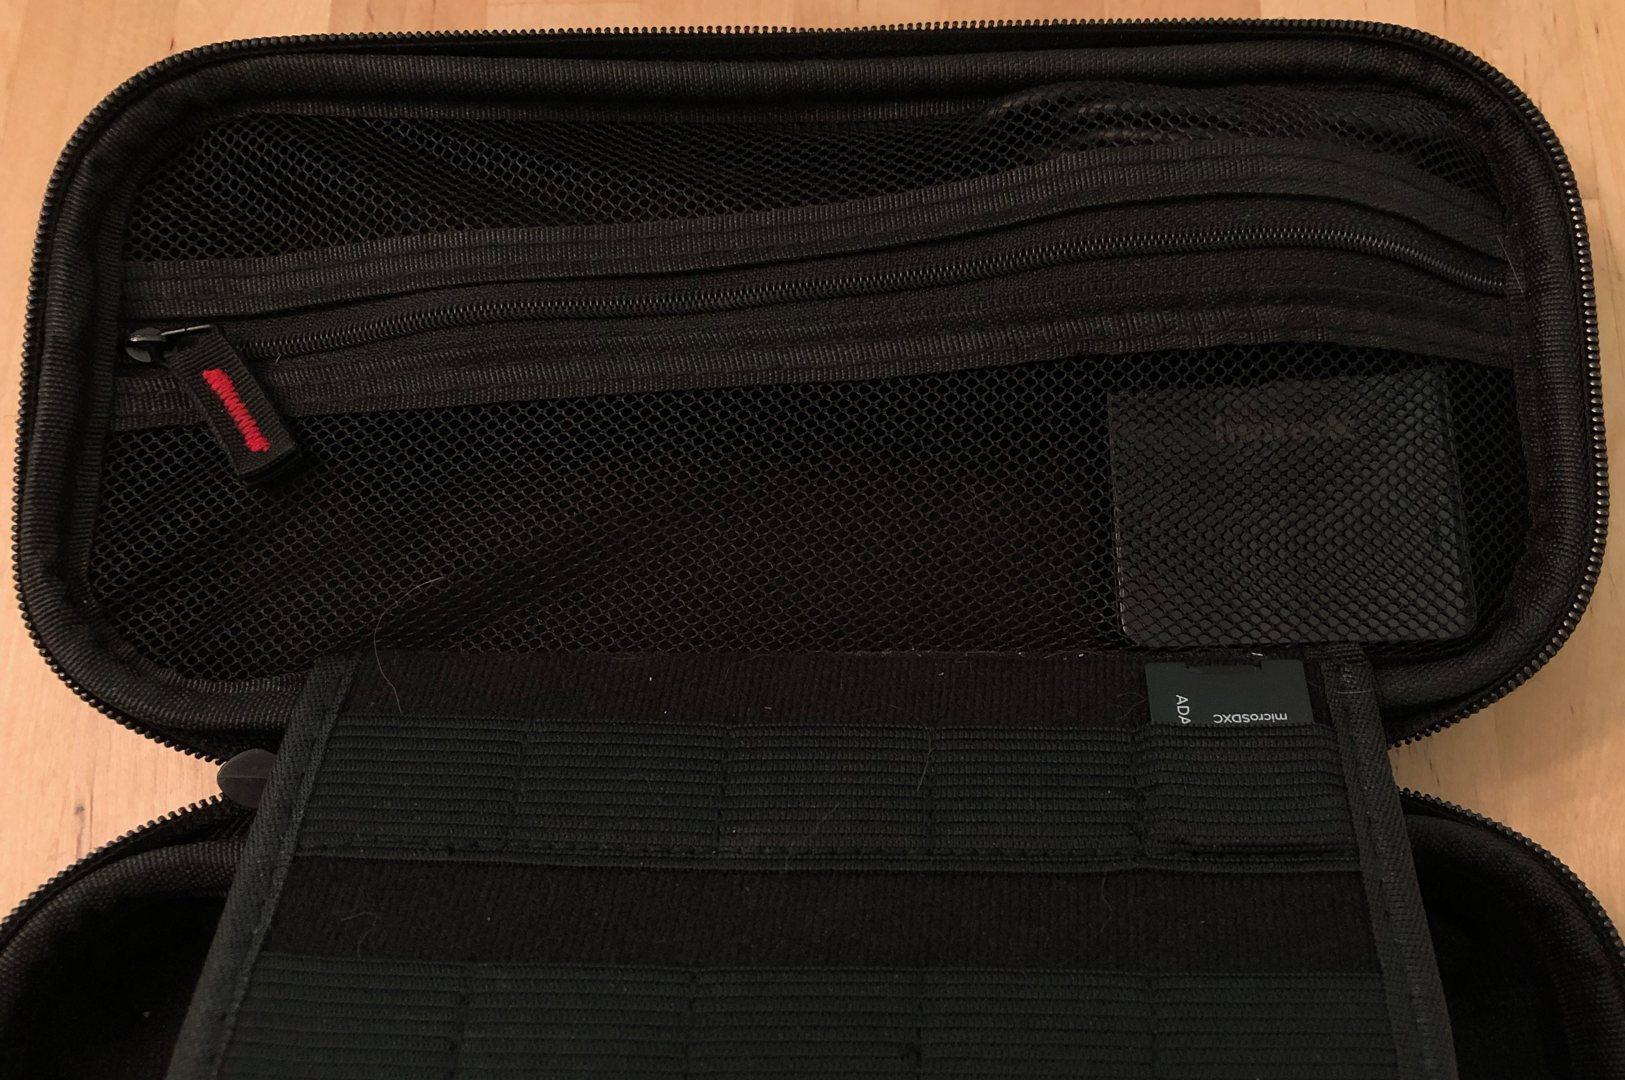 Inateck 60W USB-C Wall PD Charger en una caja de interruptor de Nintendo